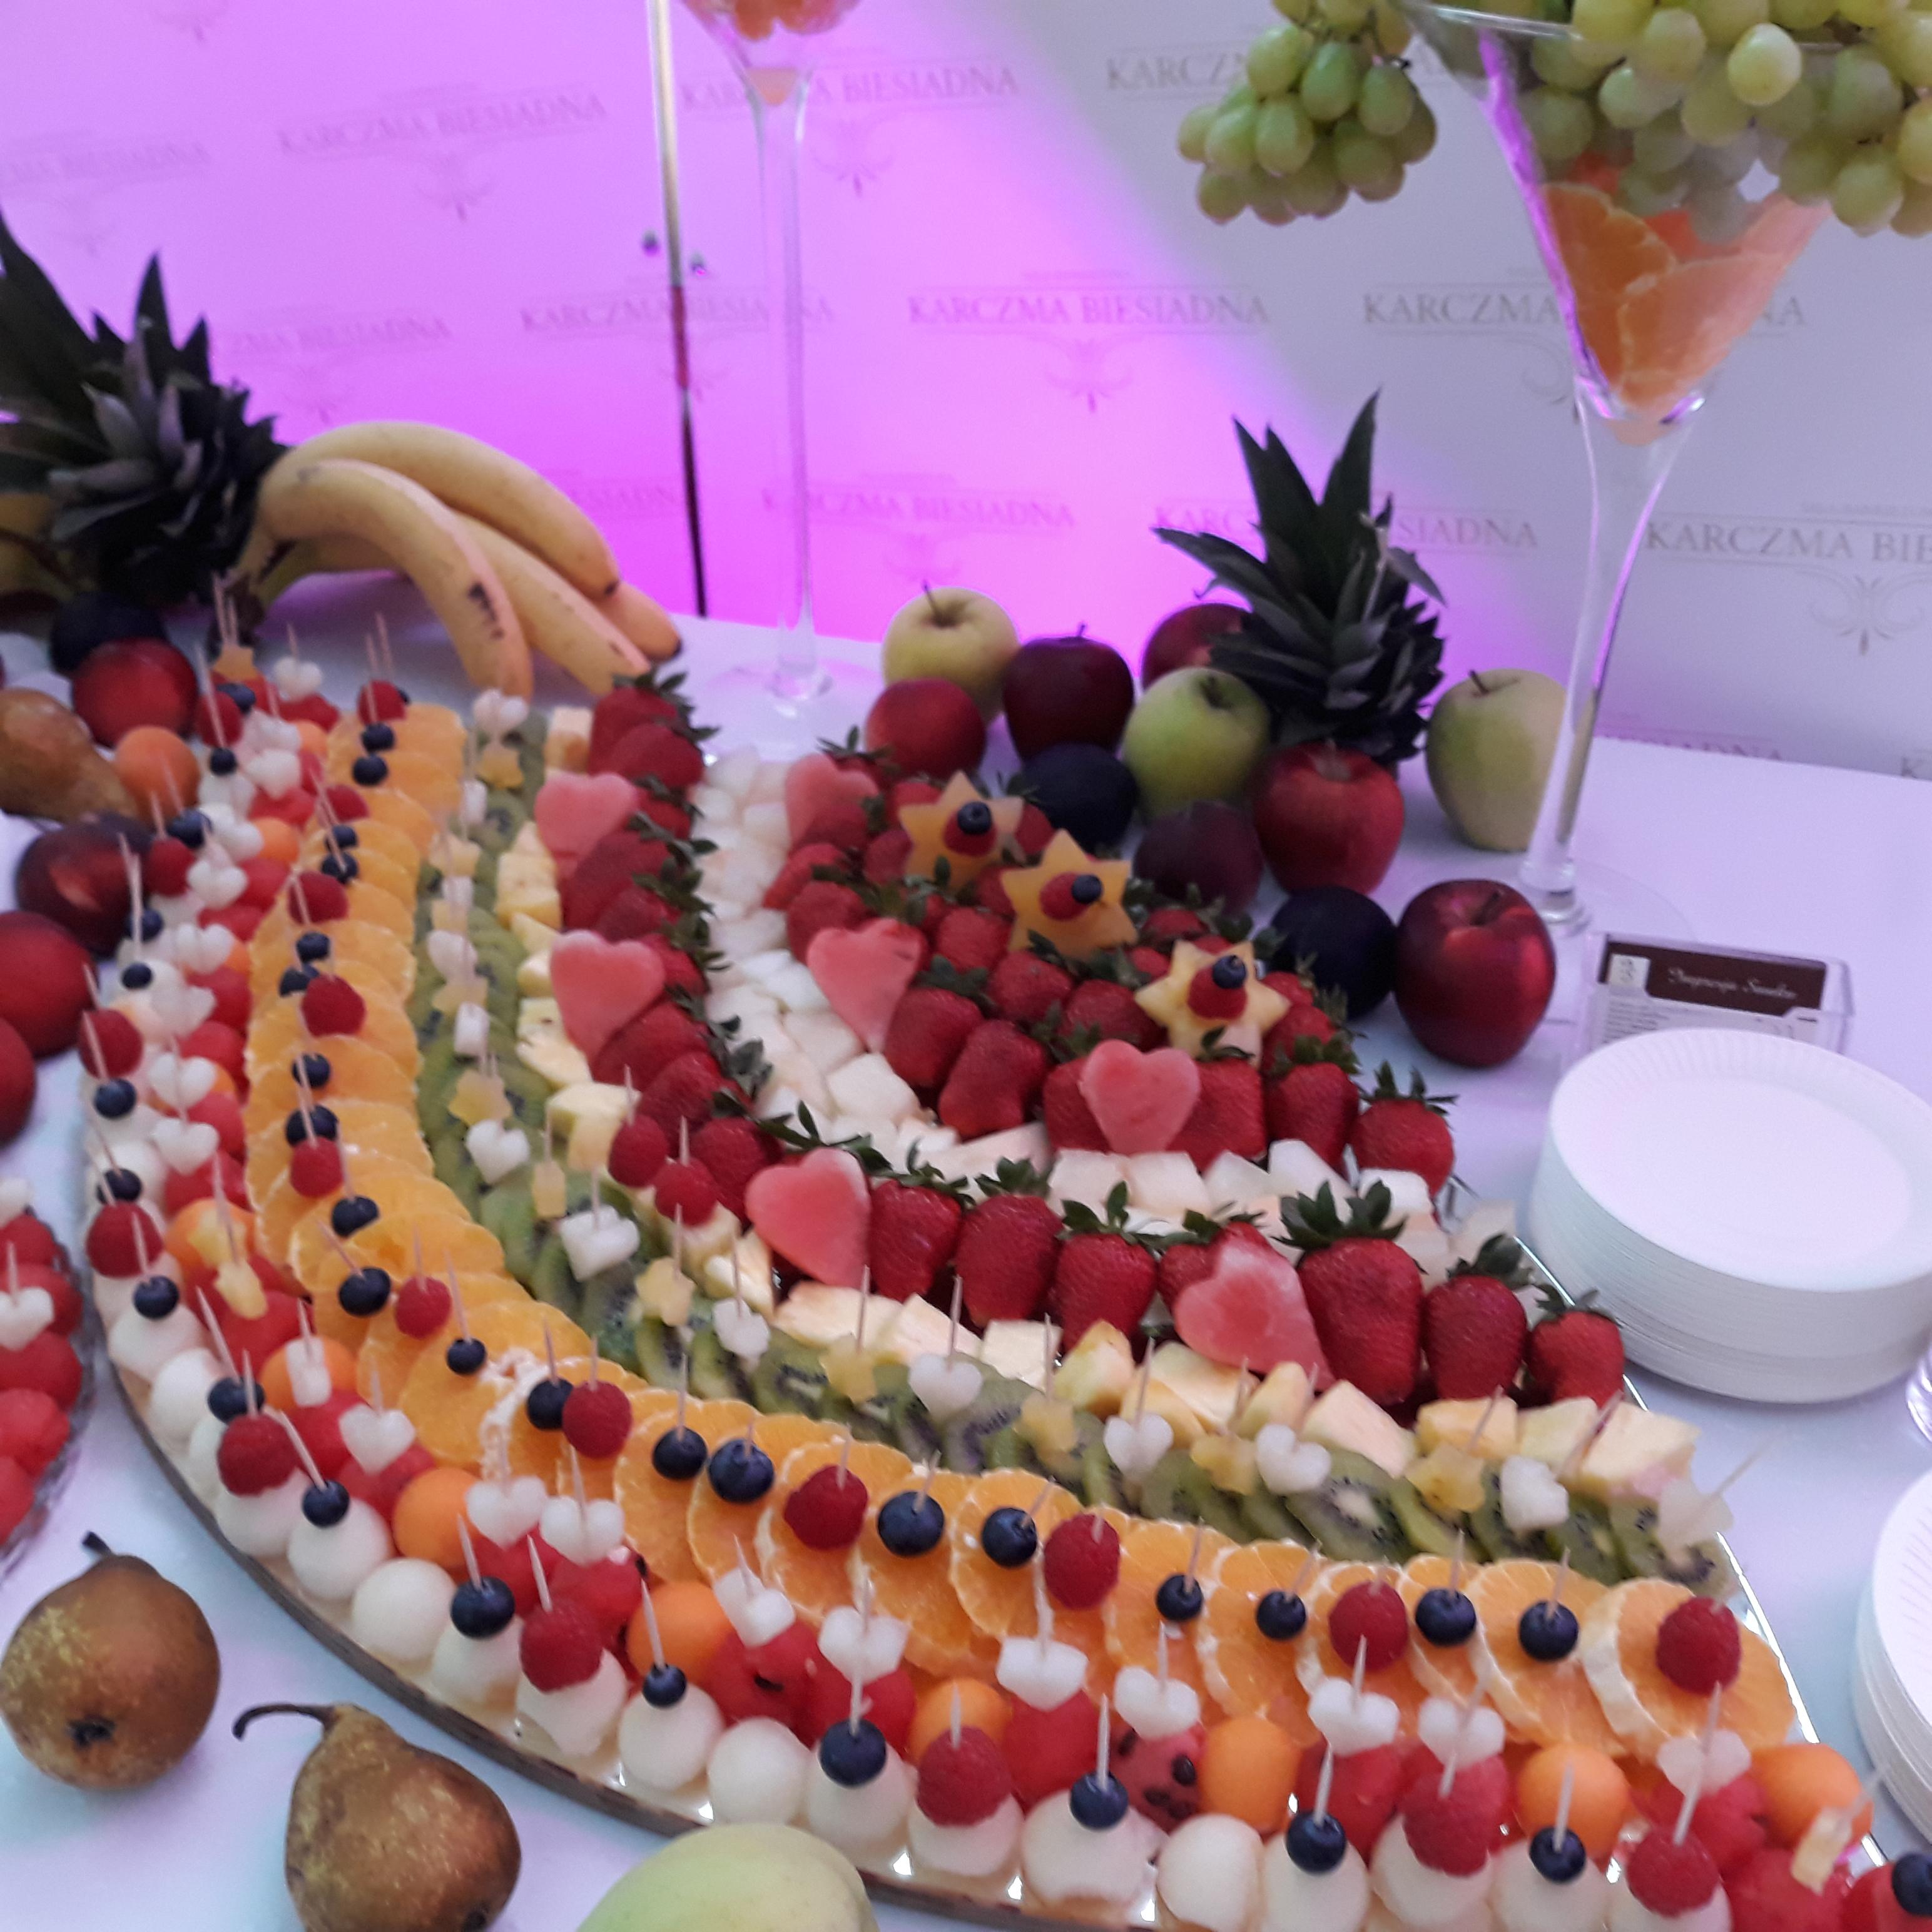 fruit bar, stół owocowy Turek, stół z owocami Koło, stół owocowy Konin, dekoracje owocowe, fruit carving, fruit bar,